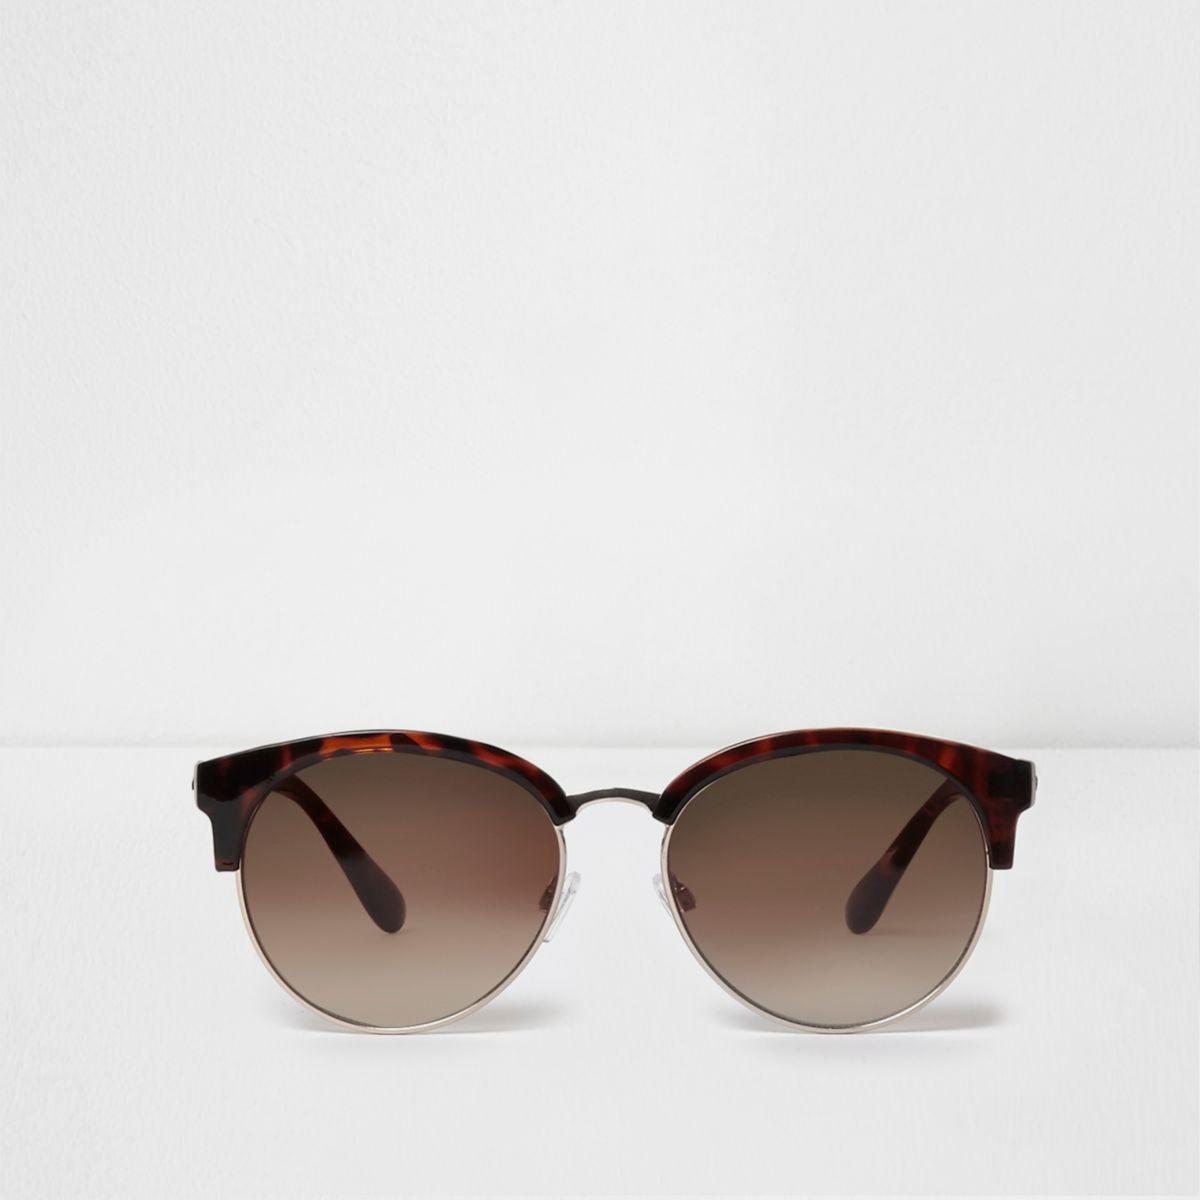 Brown tortoiseshell tinted retro sunglasses